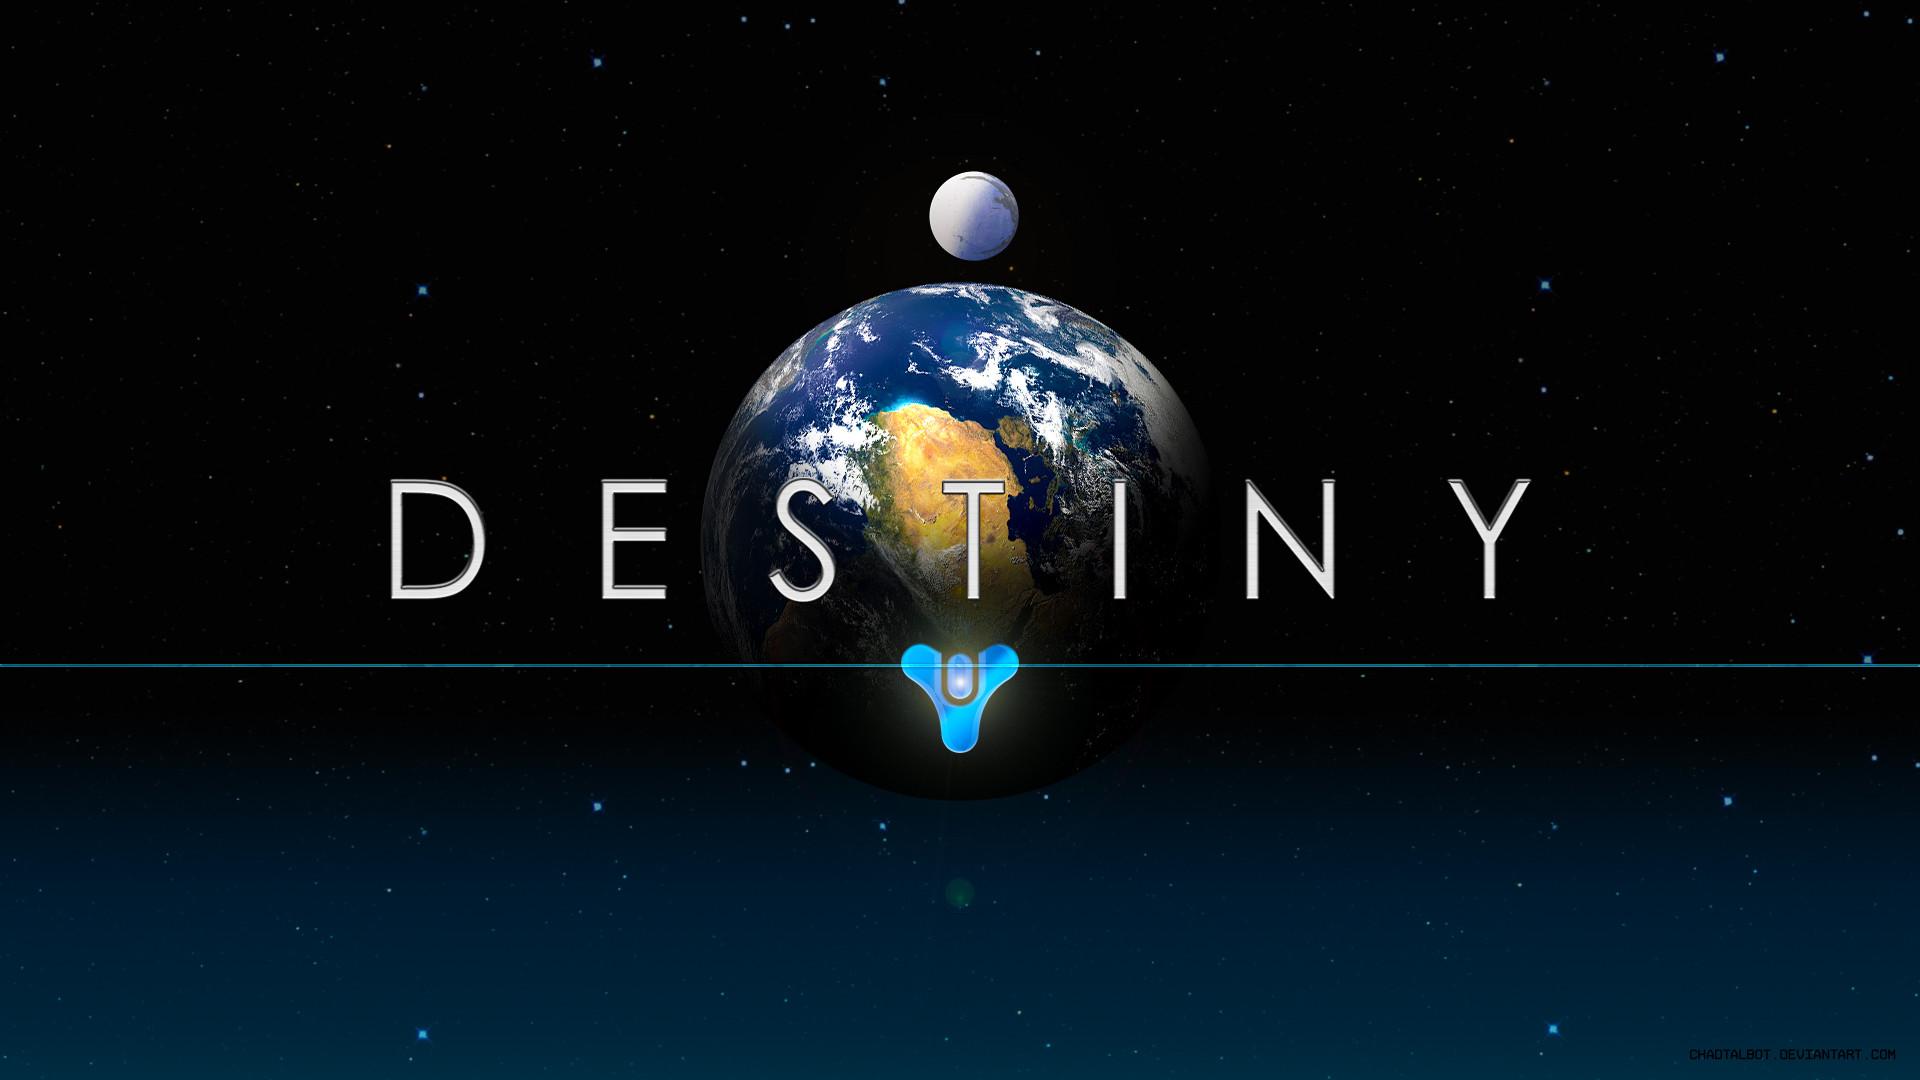 Fonds d'̩cran Destiny РPage 2